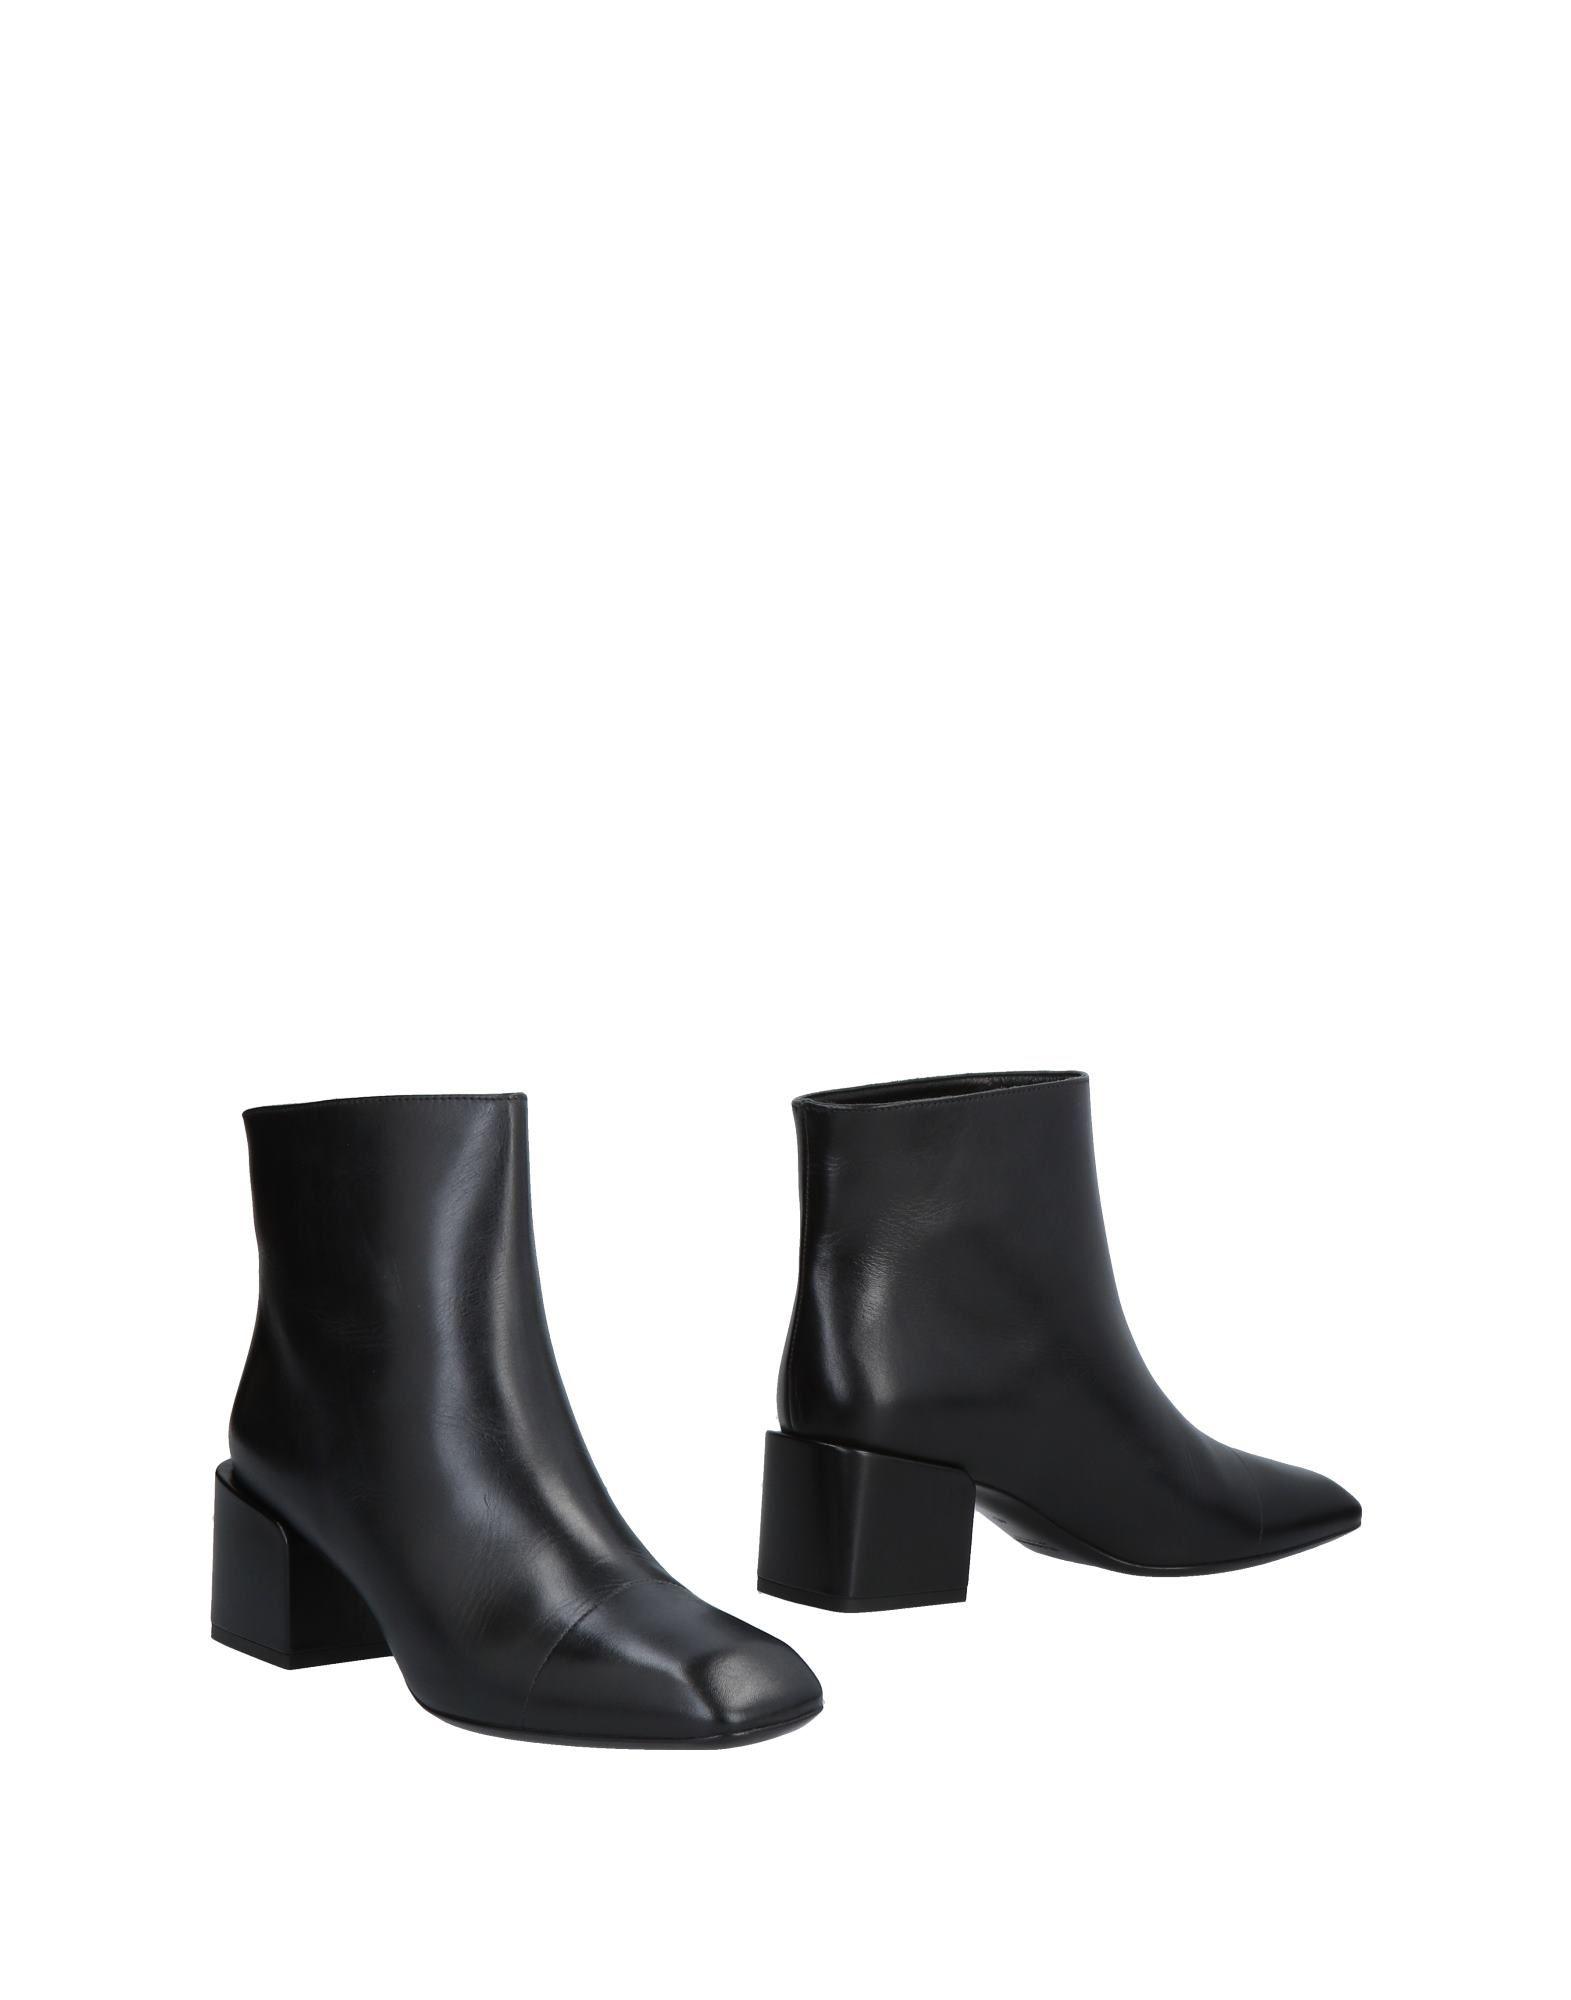 Jil Sander Ankle Boot - Women Jil Sander  Ankle Boots online on  Sander United Kingdom - 11496388OK 19dced